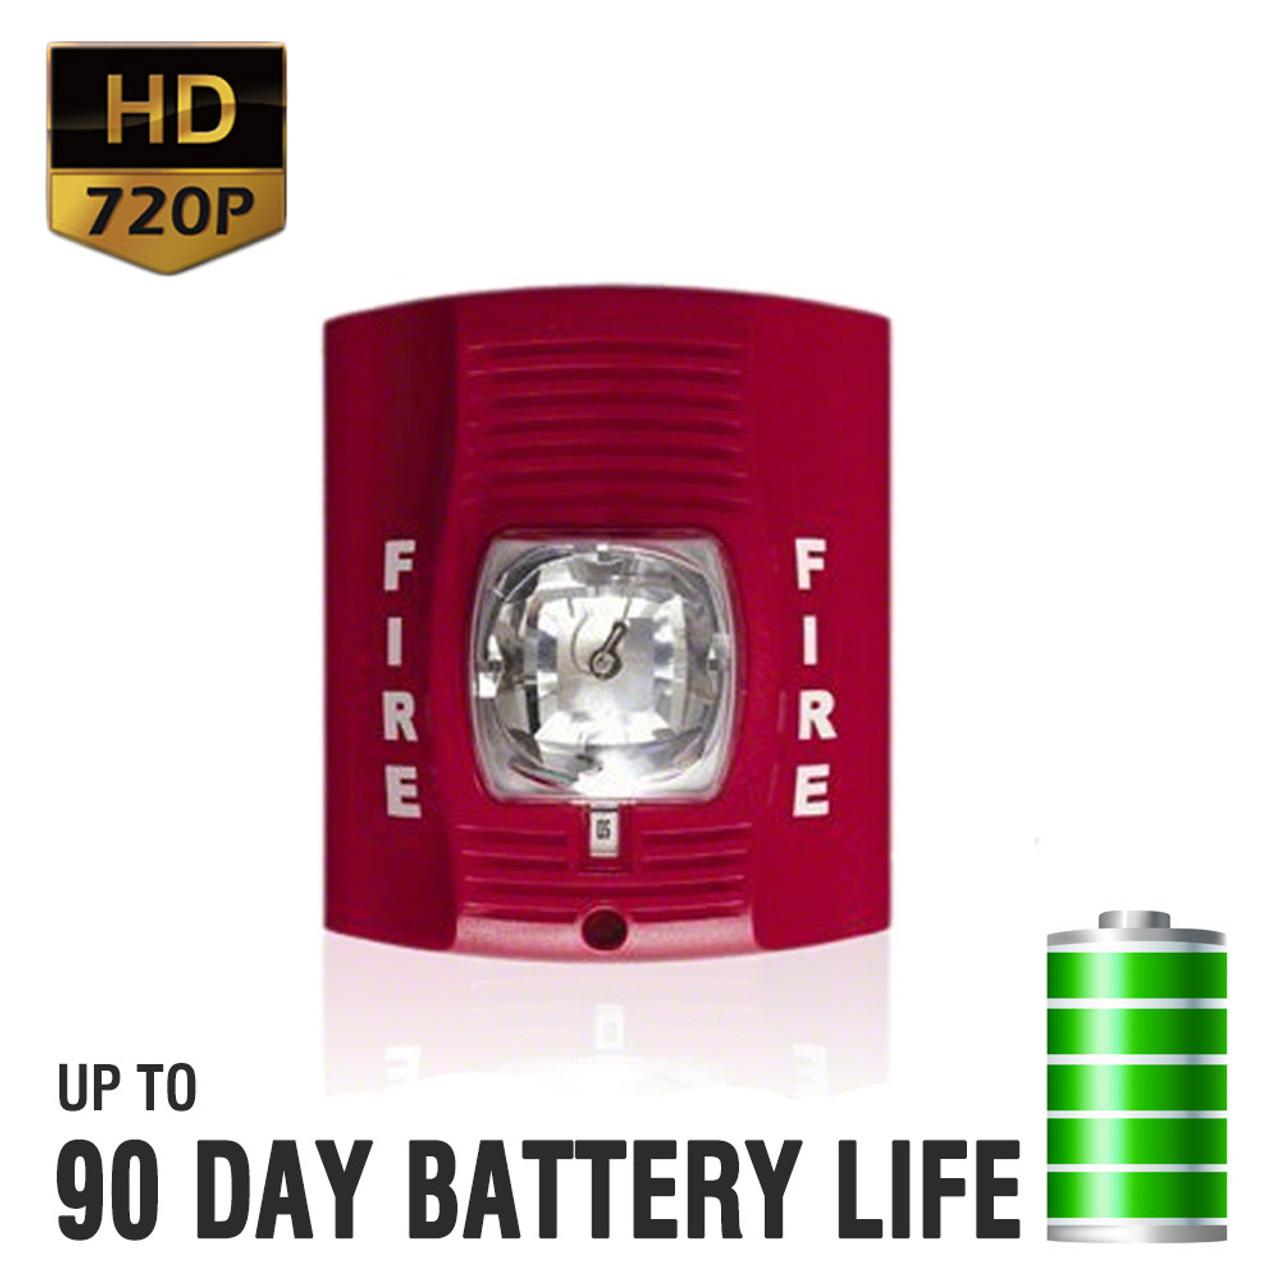 Superb 720P HD Fire Alarm Hidden Camera